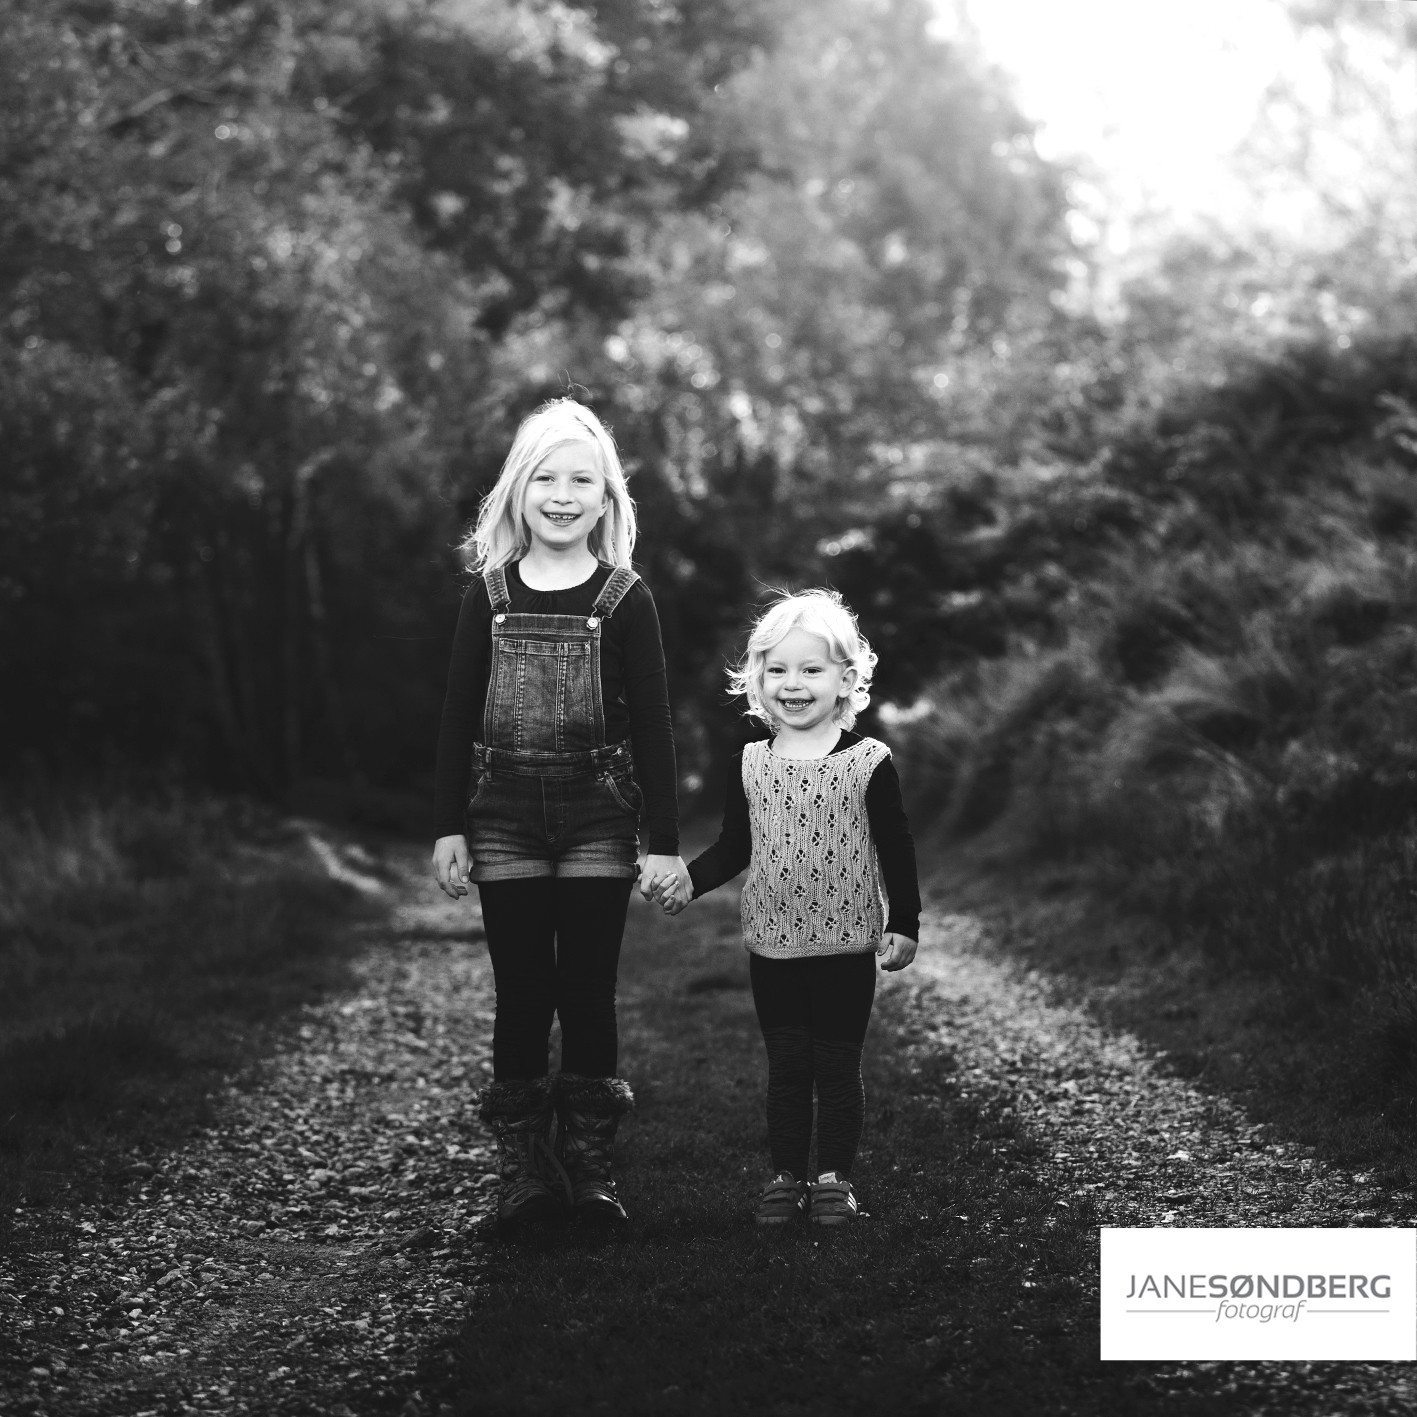 Søskende fotografering i det fri - Hammel